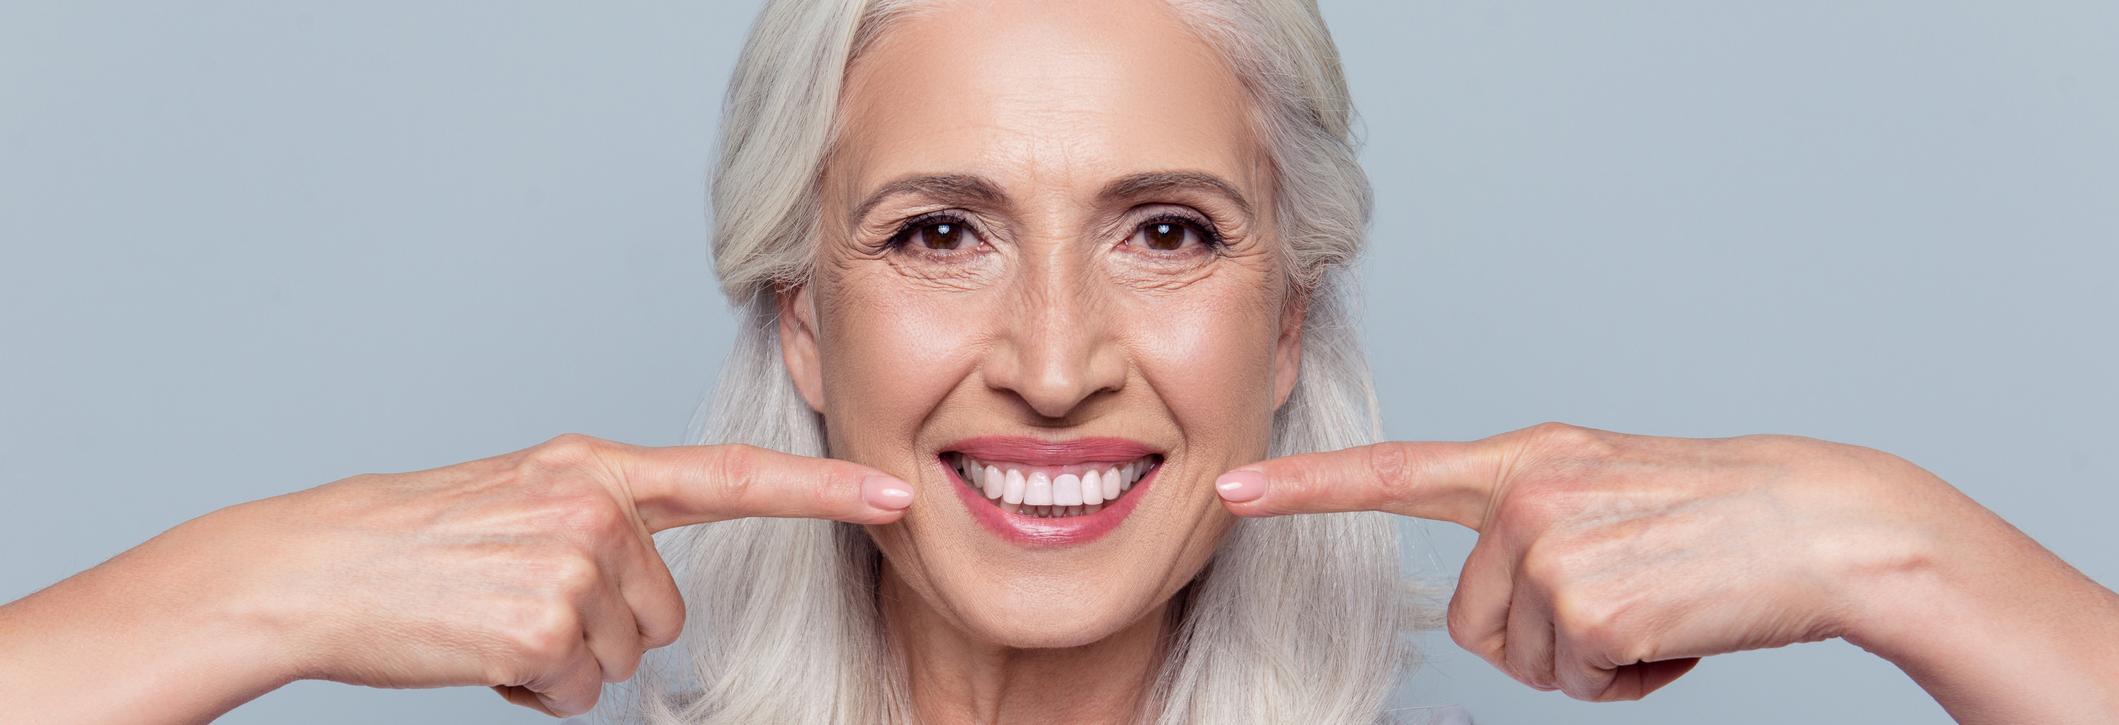 cosmetic and implant dental center patient cincinnati ohio